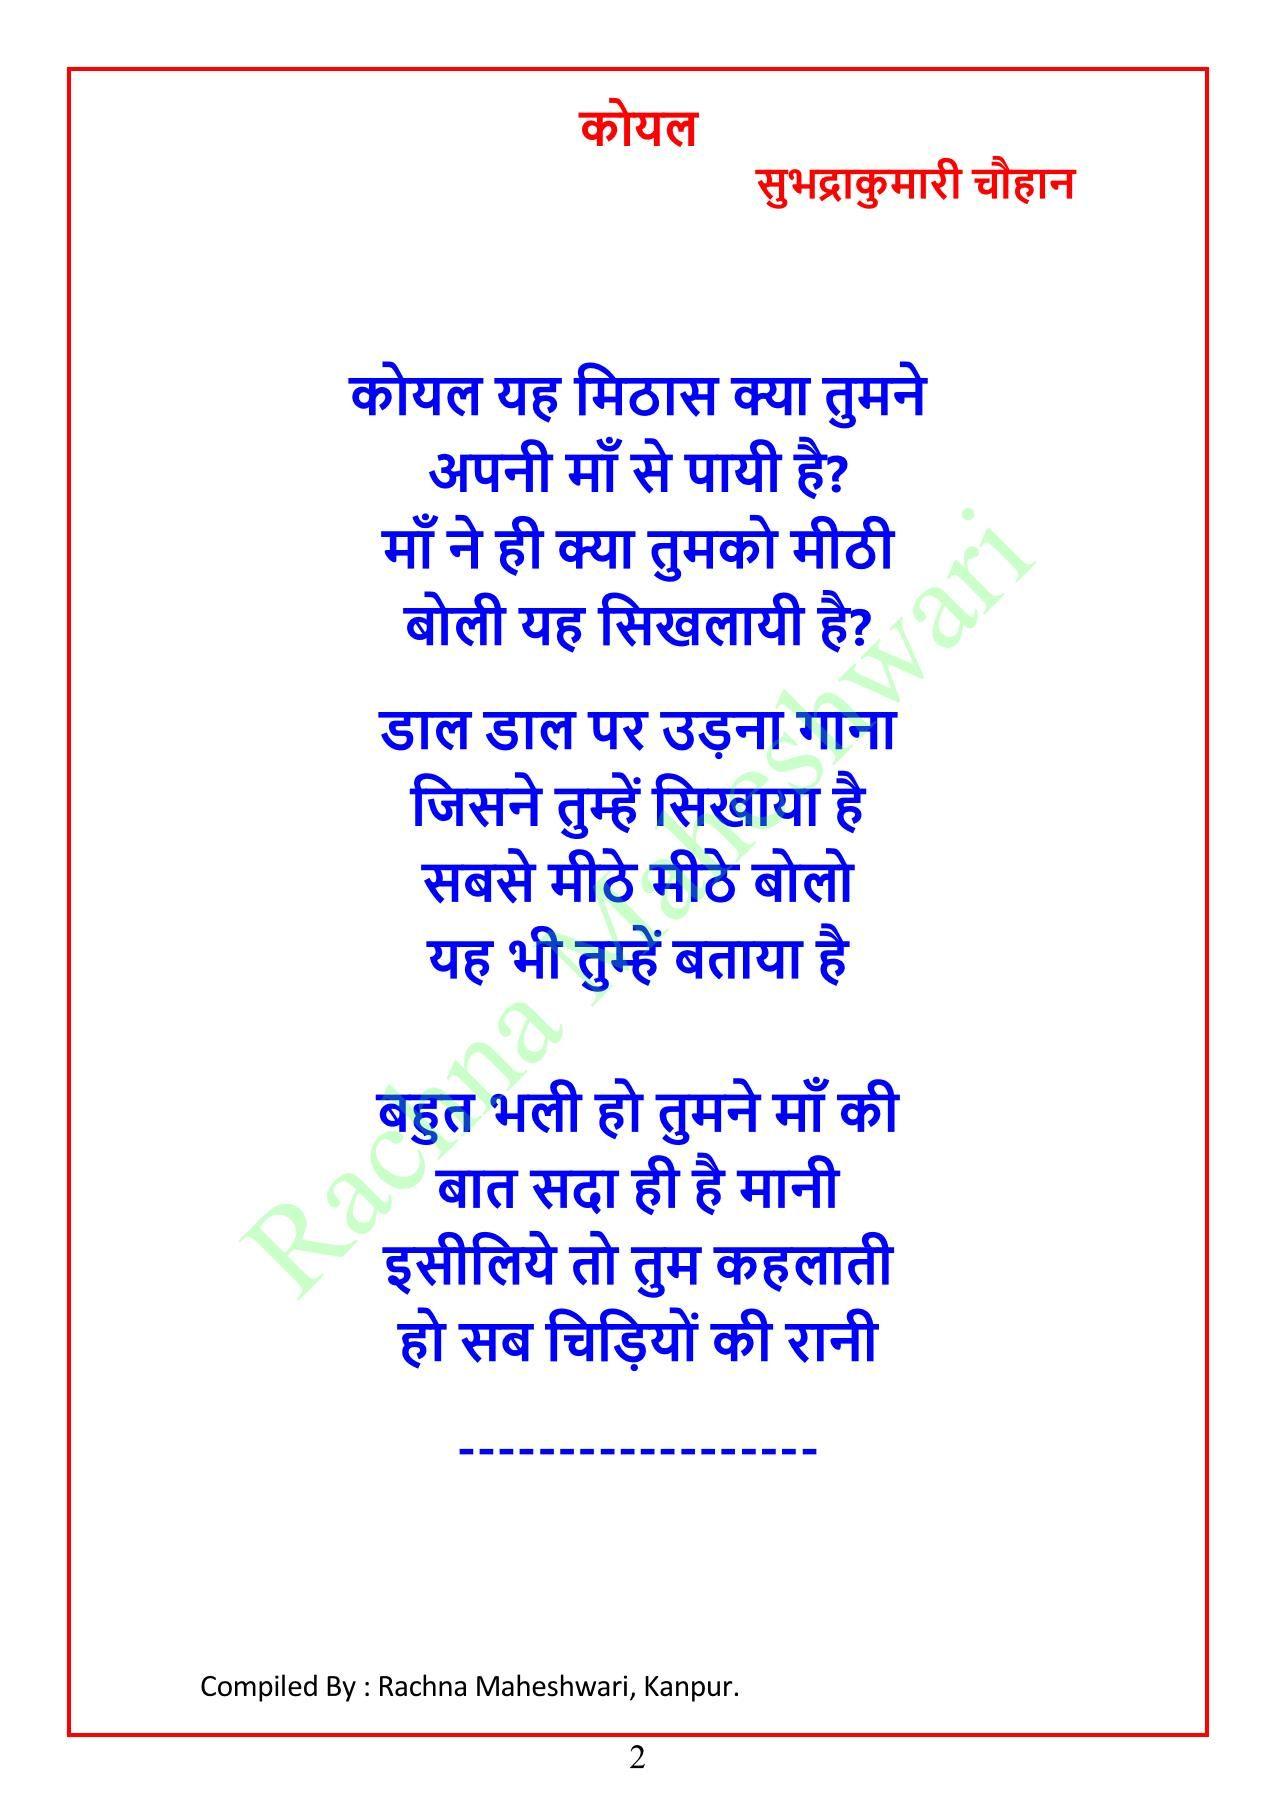 006 Pin by Ranjana Pant on hindi poems Pinterest Poem